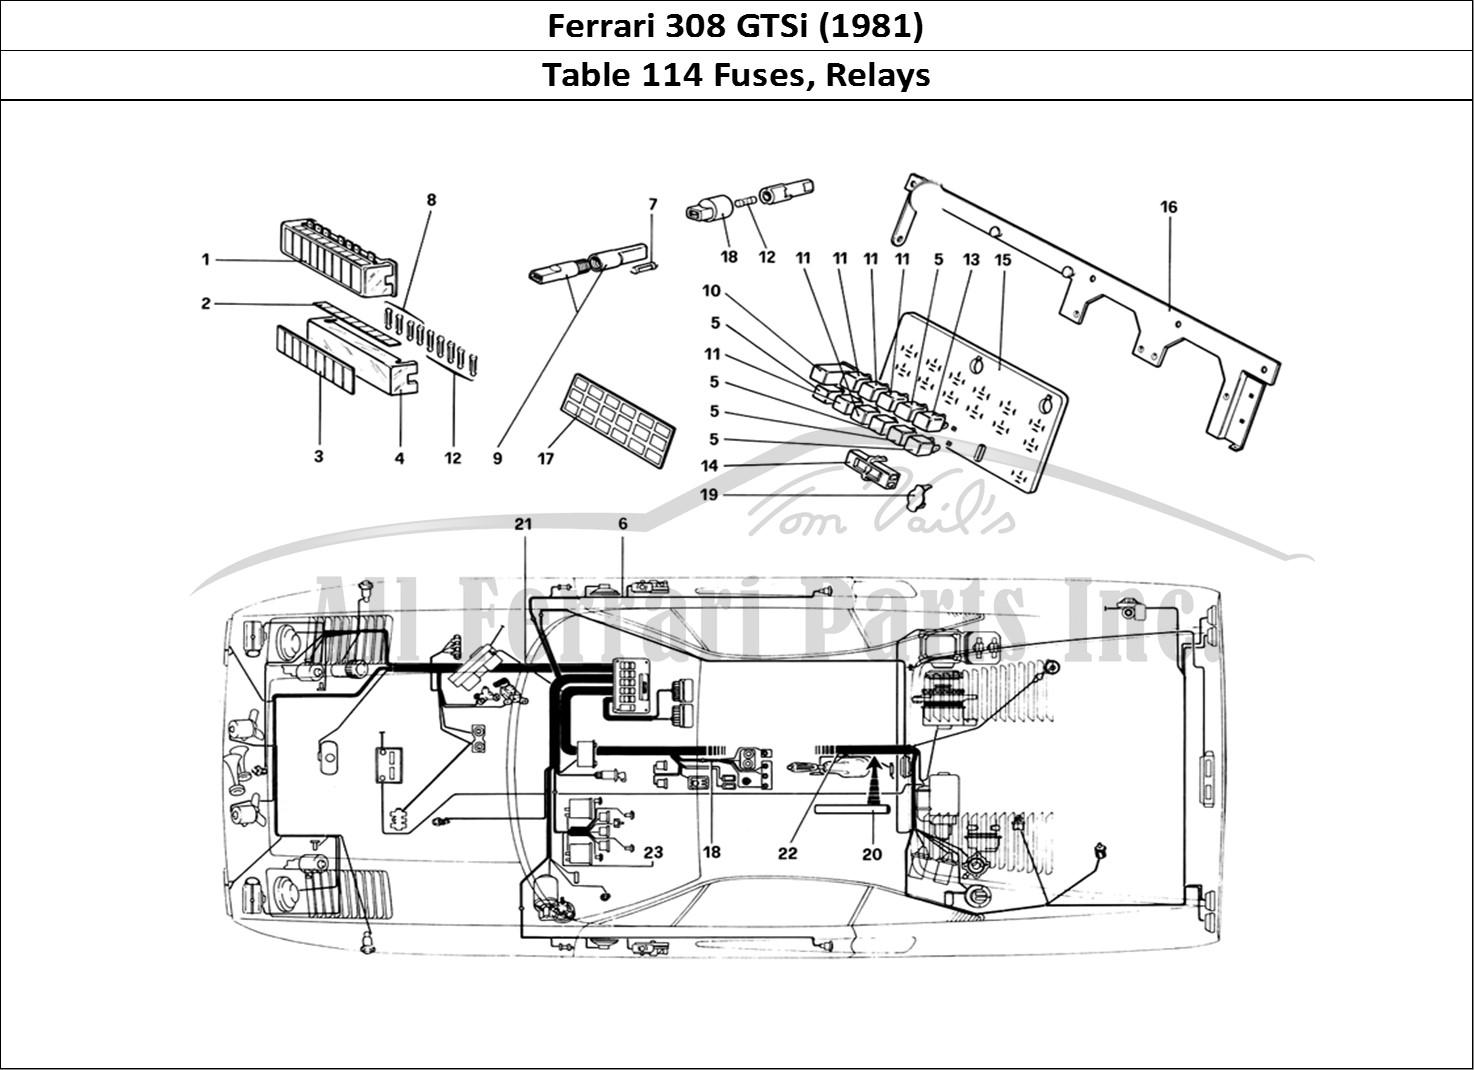 Buy original Ferrari 308 GTSi (1981) 114 Fuses, Relays